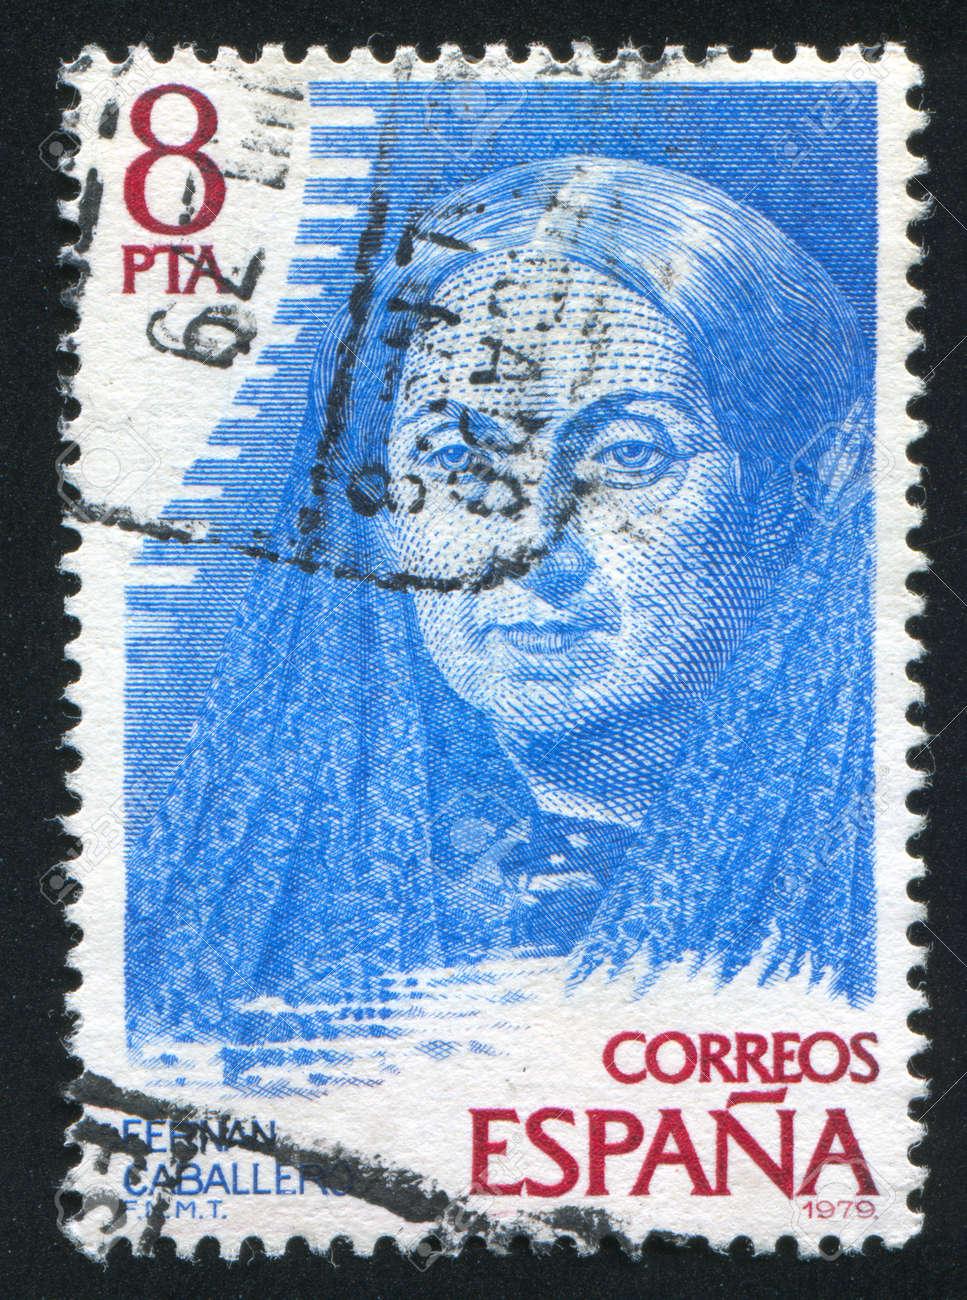 SPAIN - CIRCA 1979: stamp printed by Spain, shows Fernan Caballero (pen name of Cecilia Bohl de Faber), circa 1979 Stock Photo - 17145489